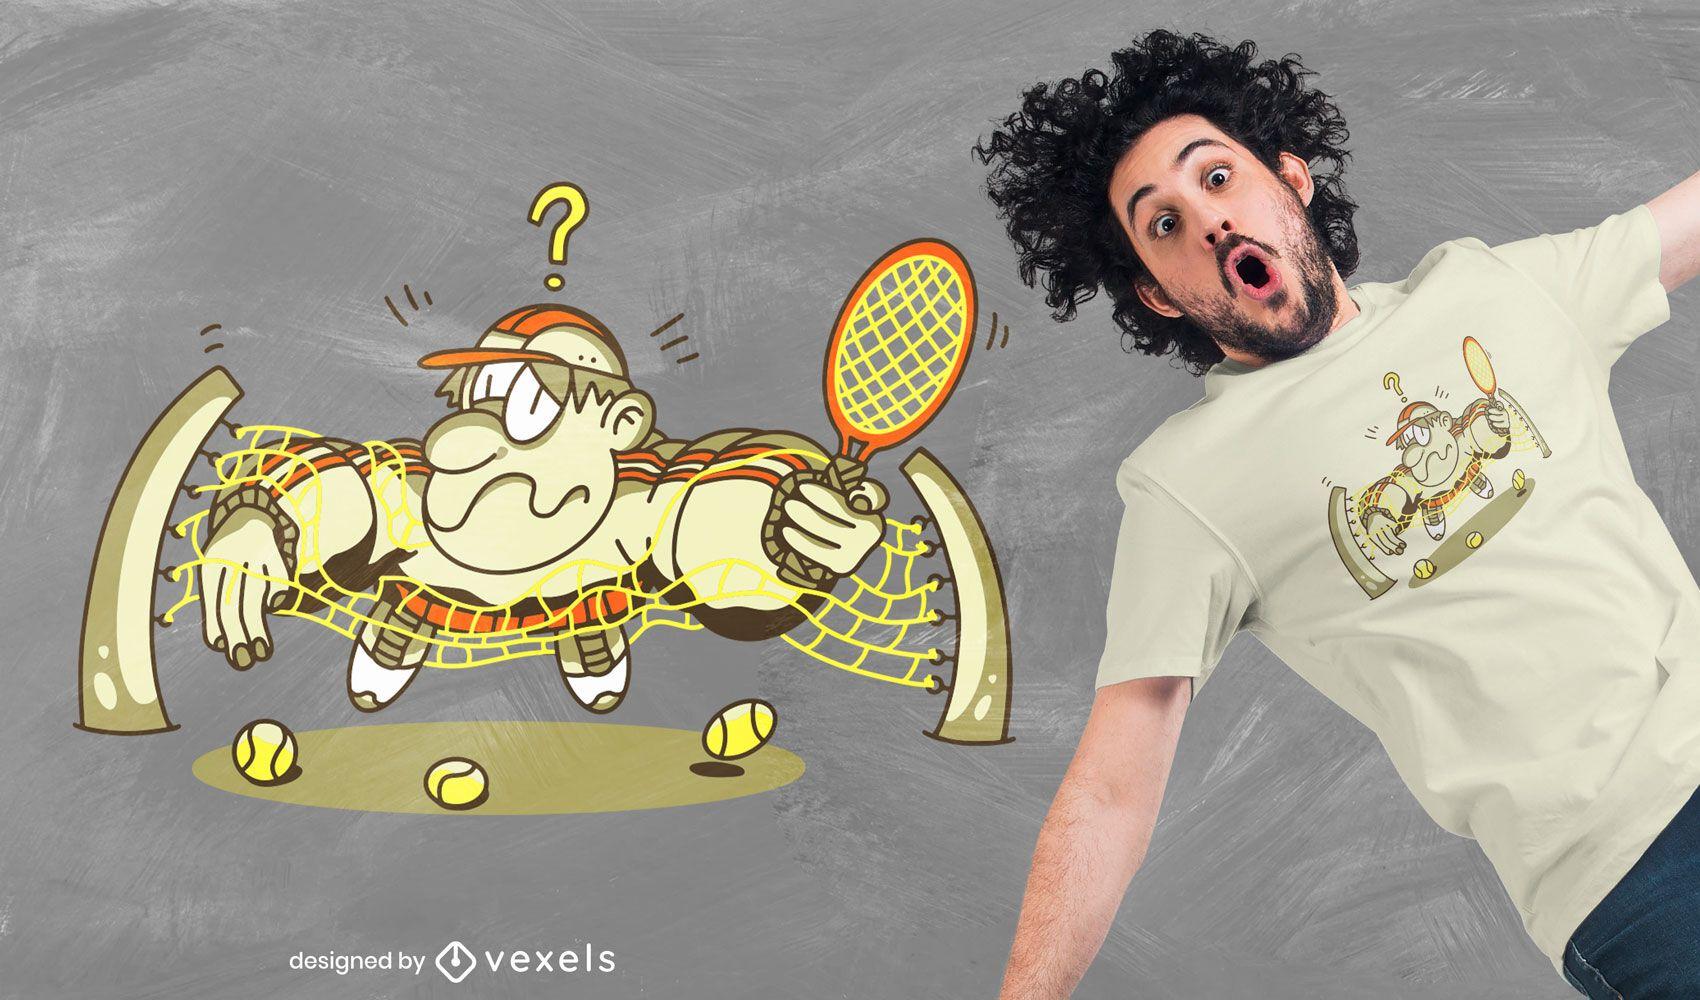 Diseño de camiseta de jugador de tenis enredado.